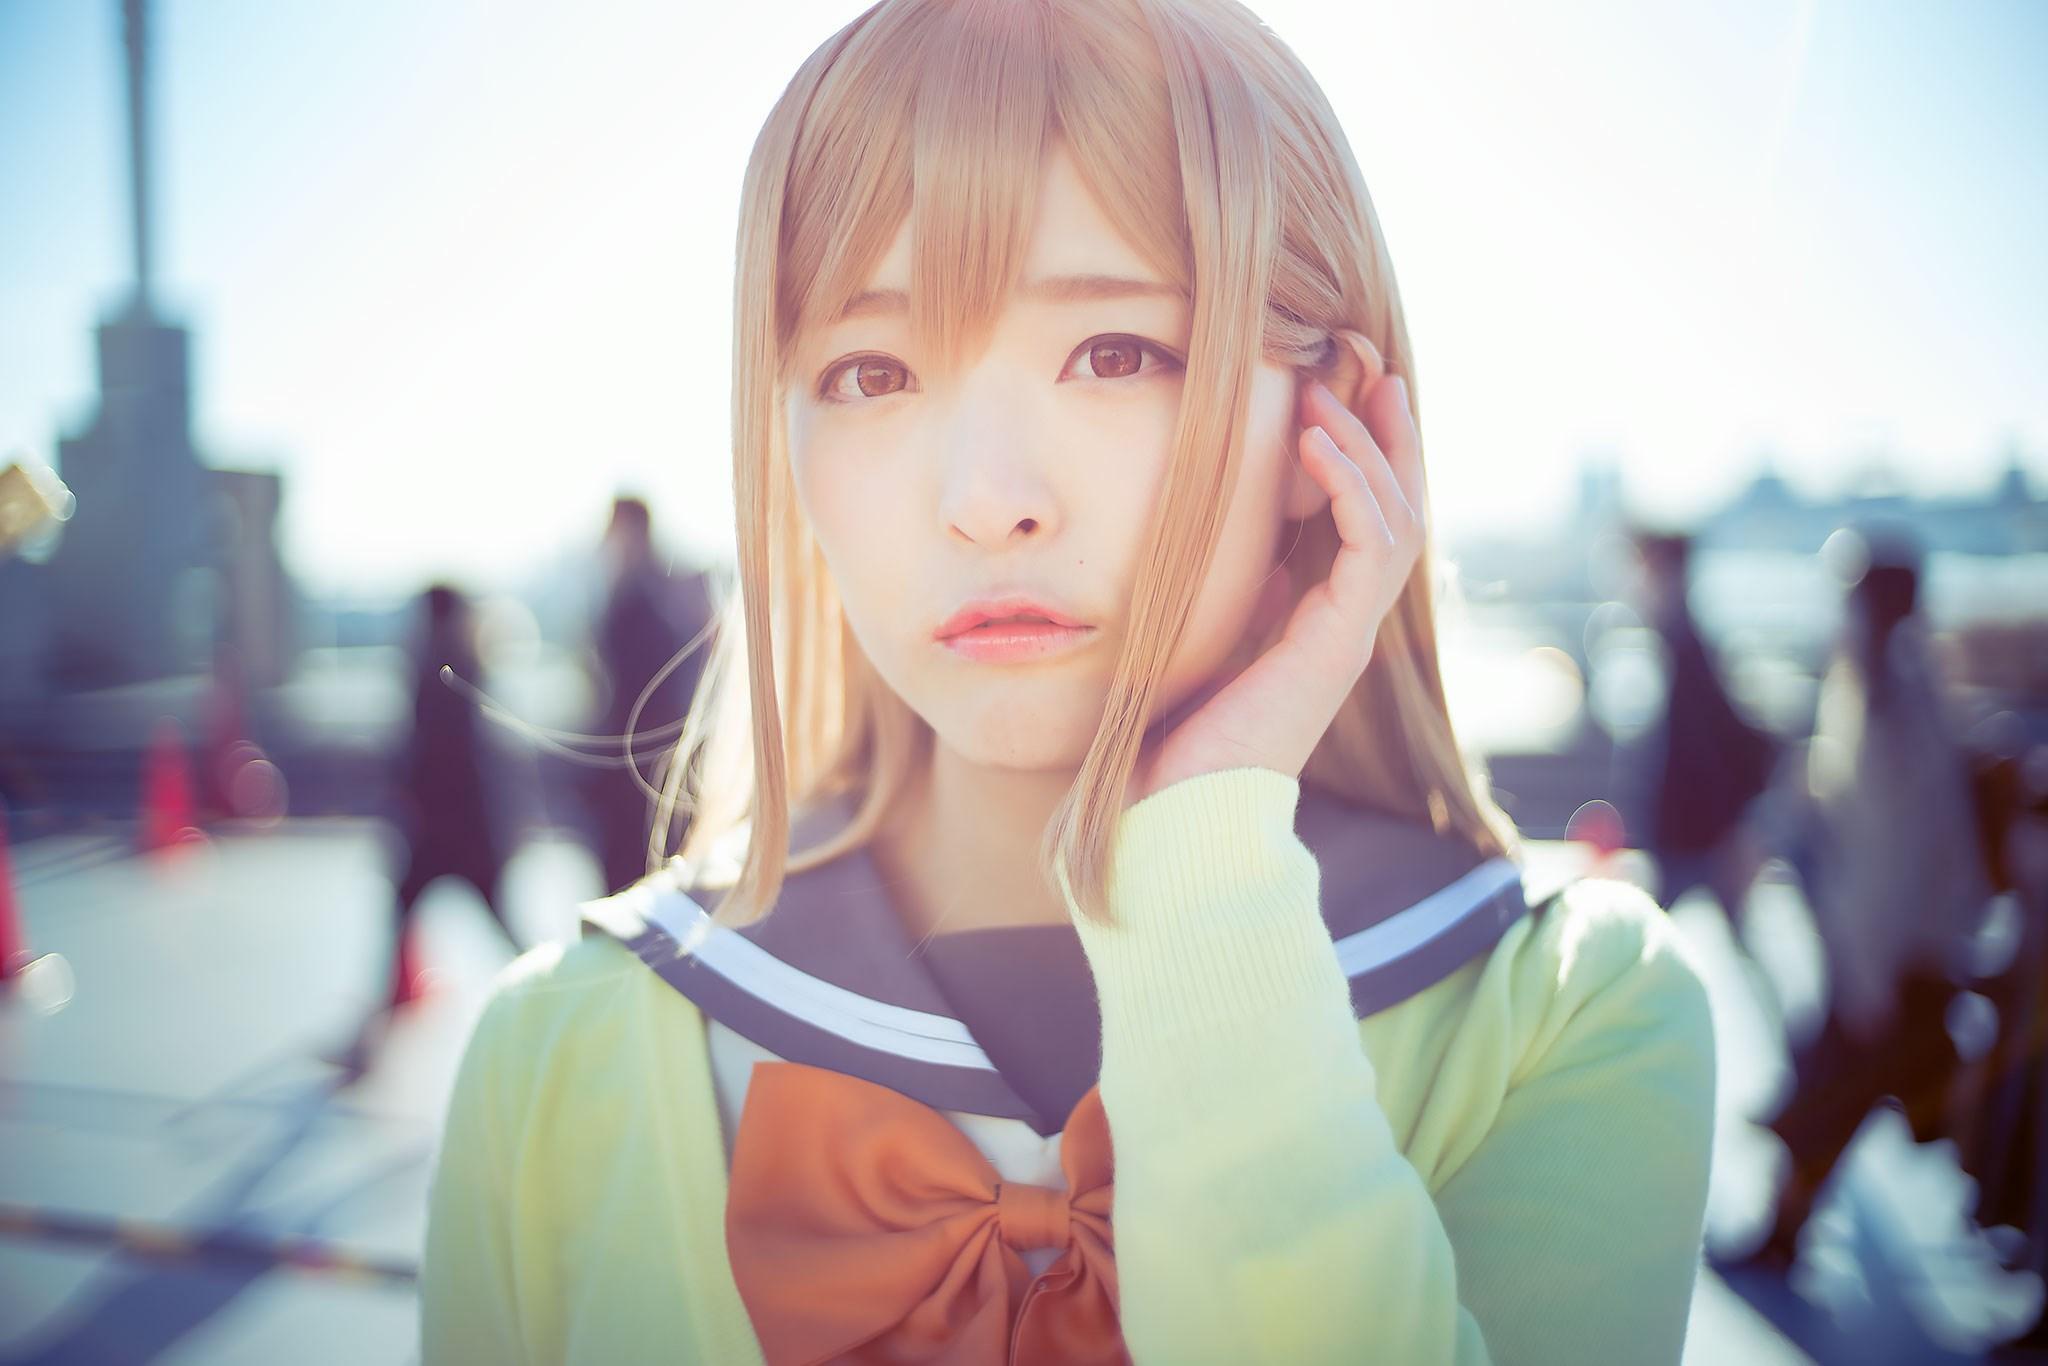 【兔玩映画】阳光与少女 兔玩映画 第16张